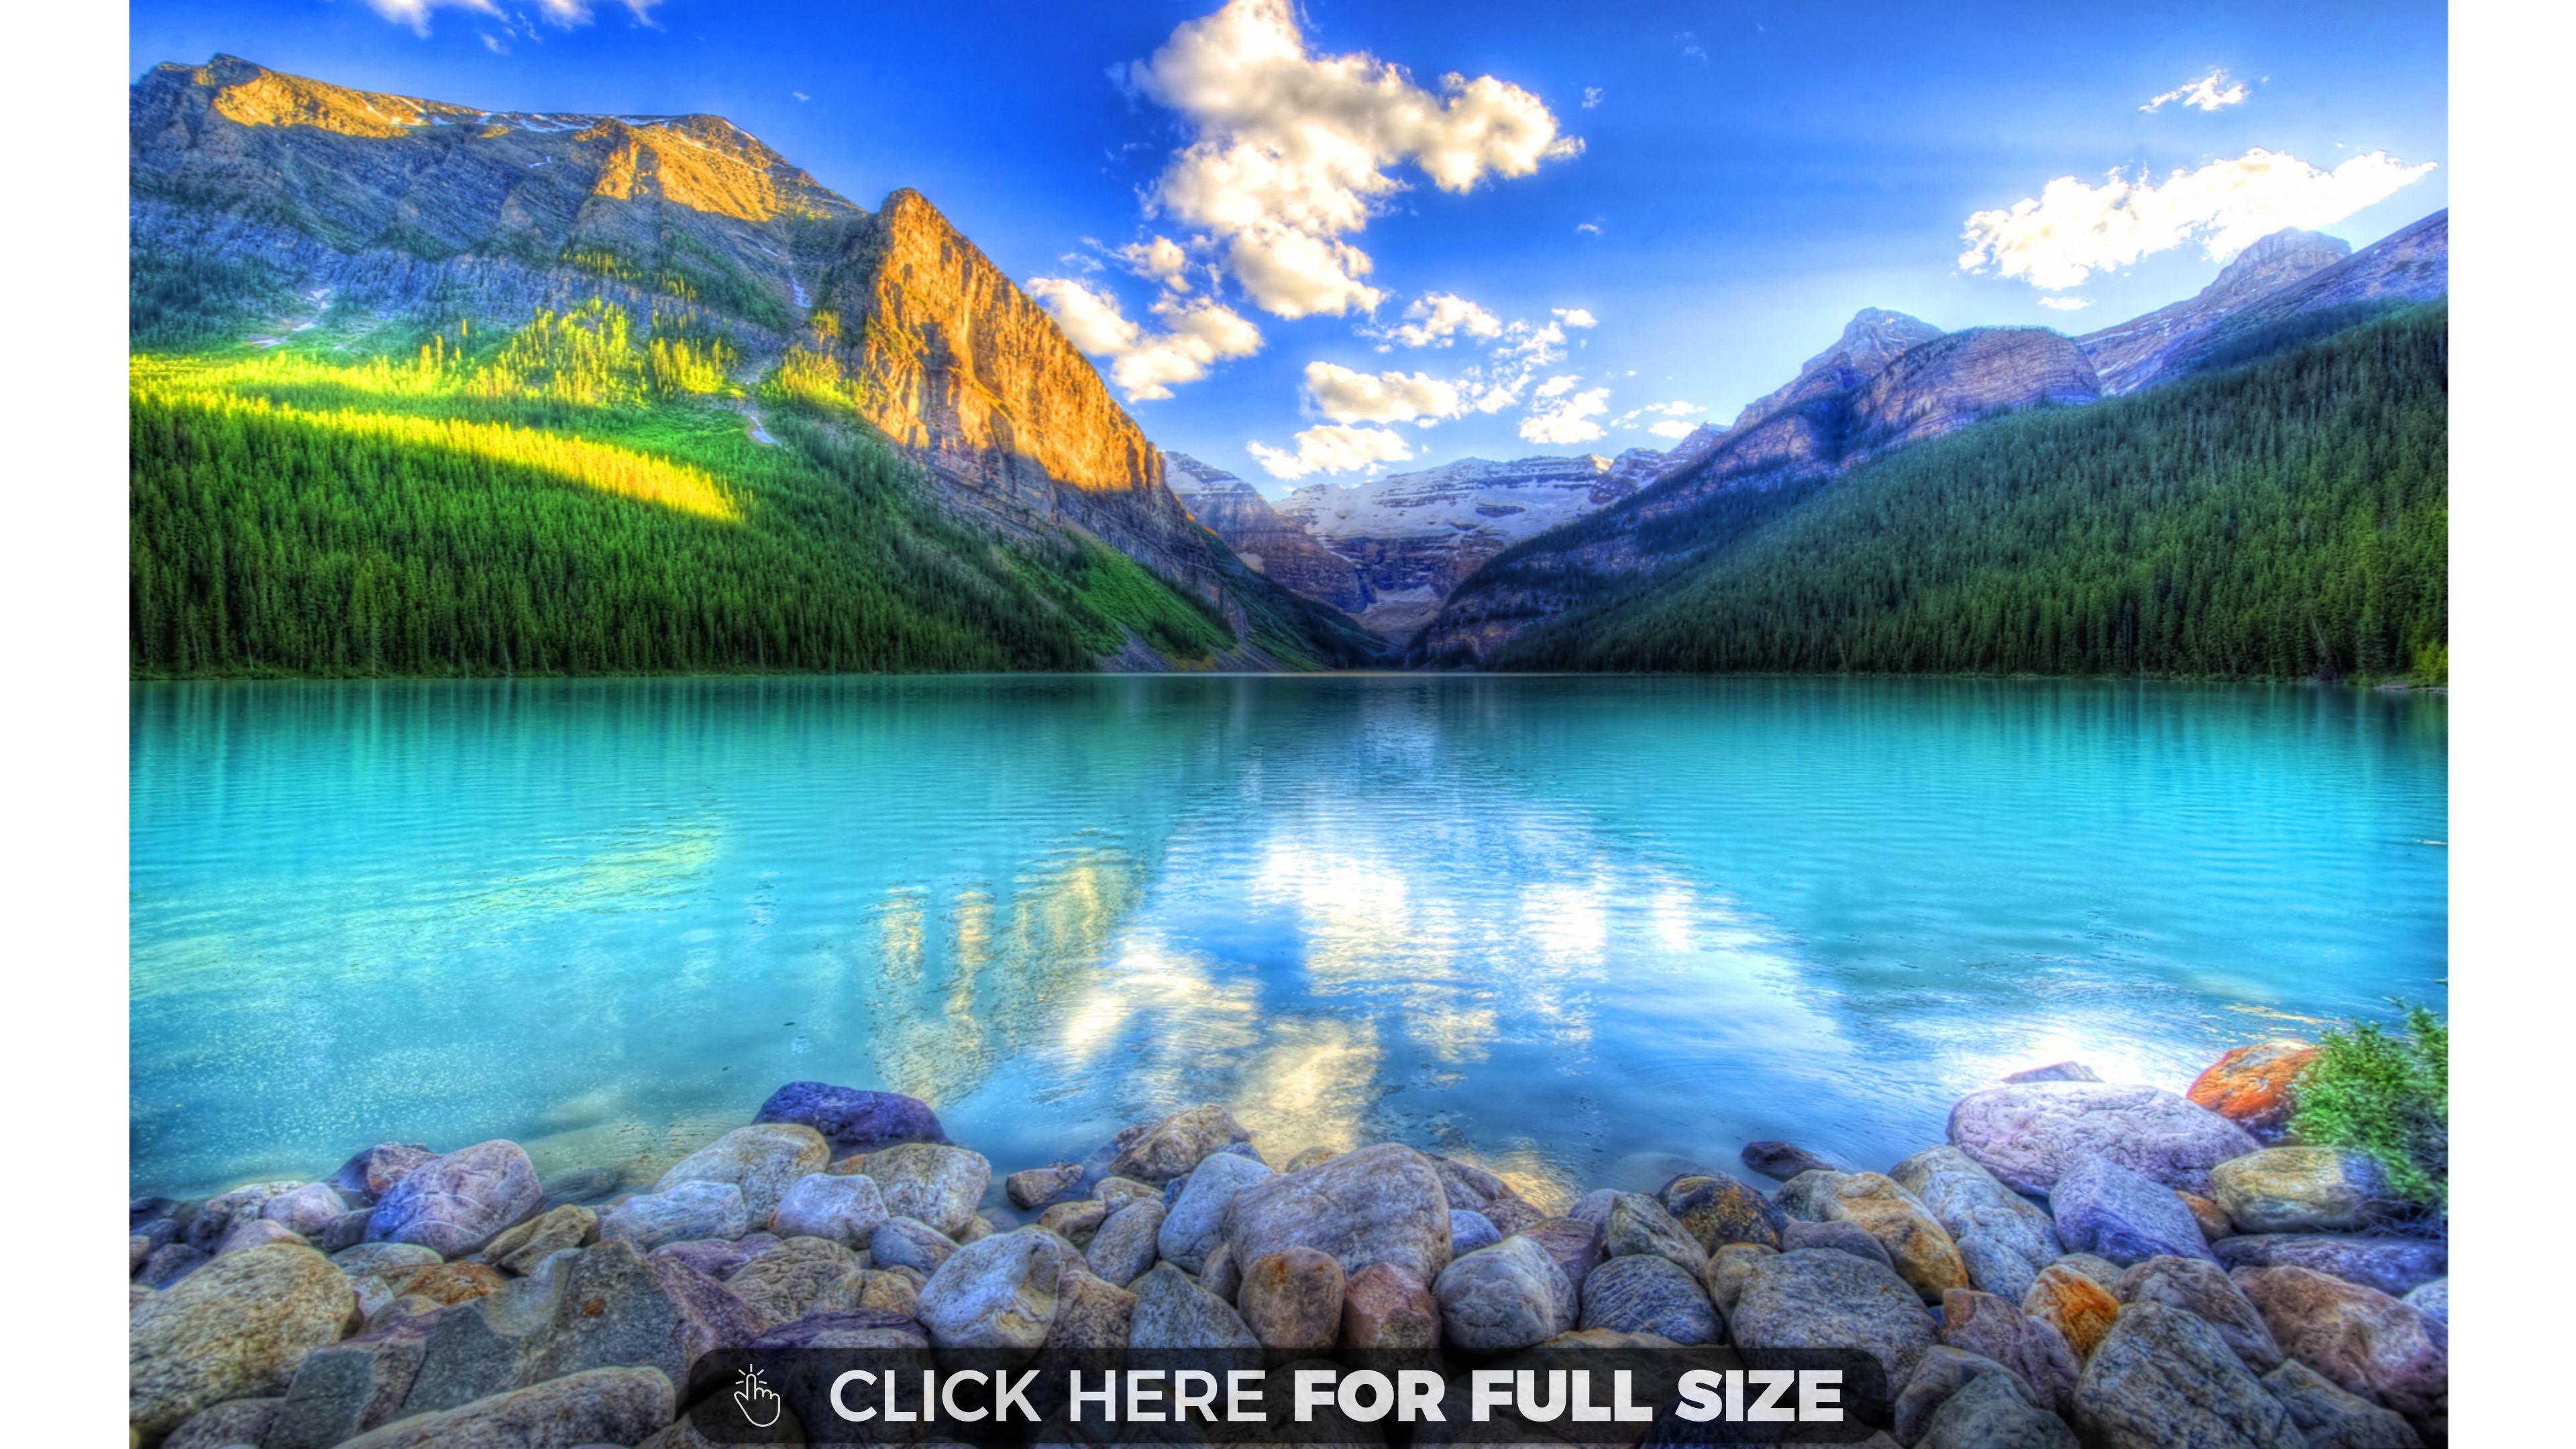 8k ultra hd nature wallpaper 37 images - 8k desktop backgrounds ...